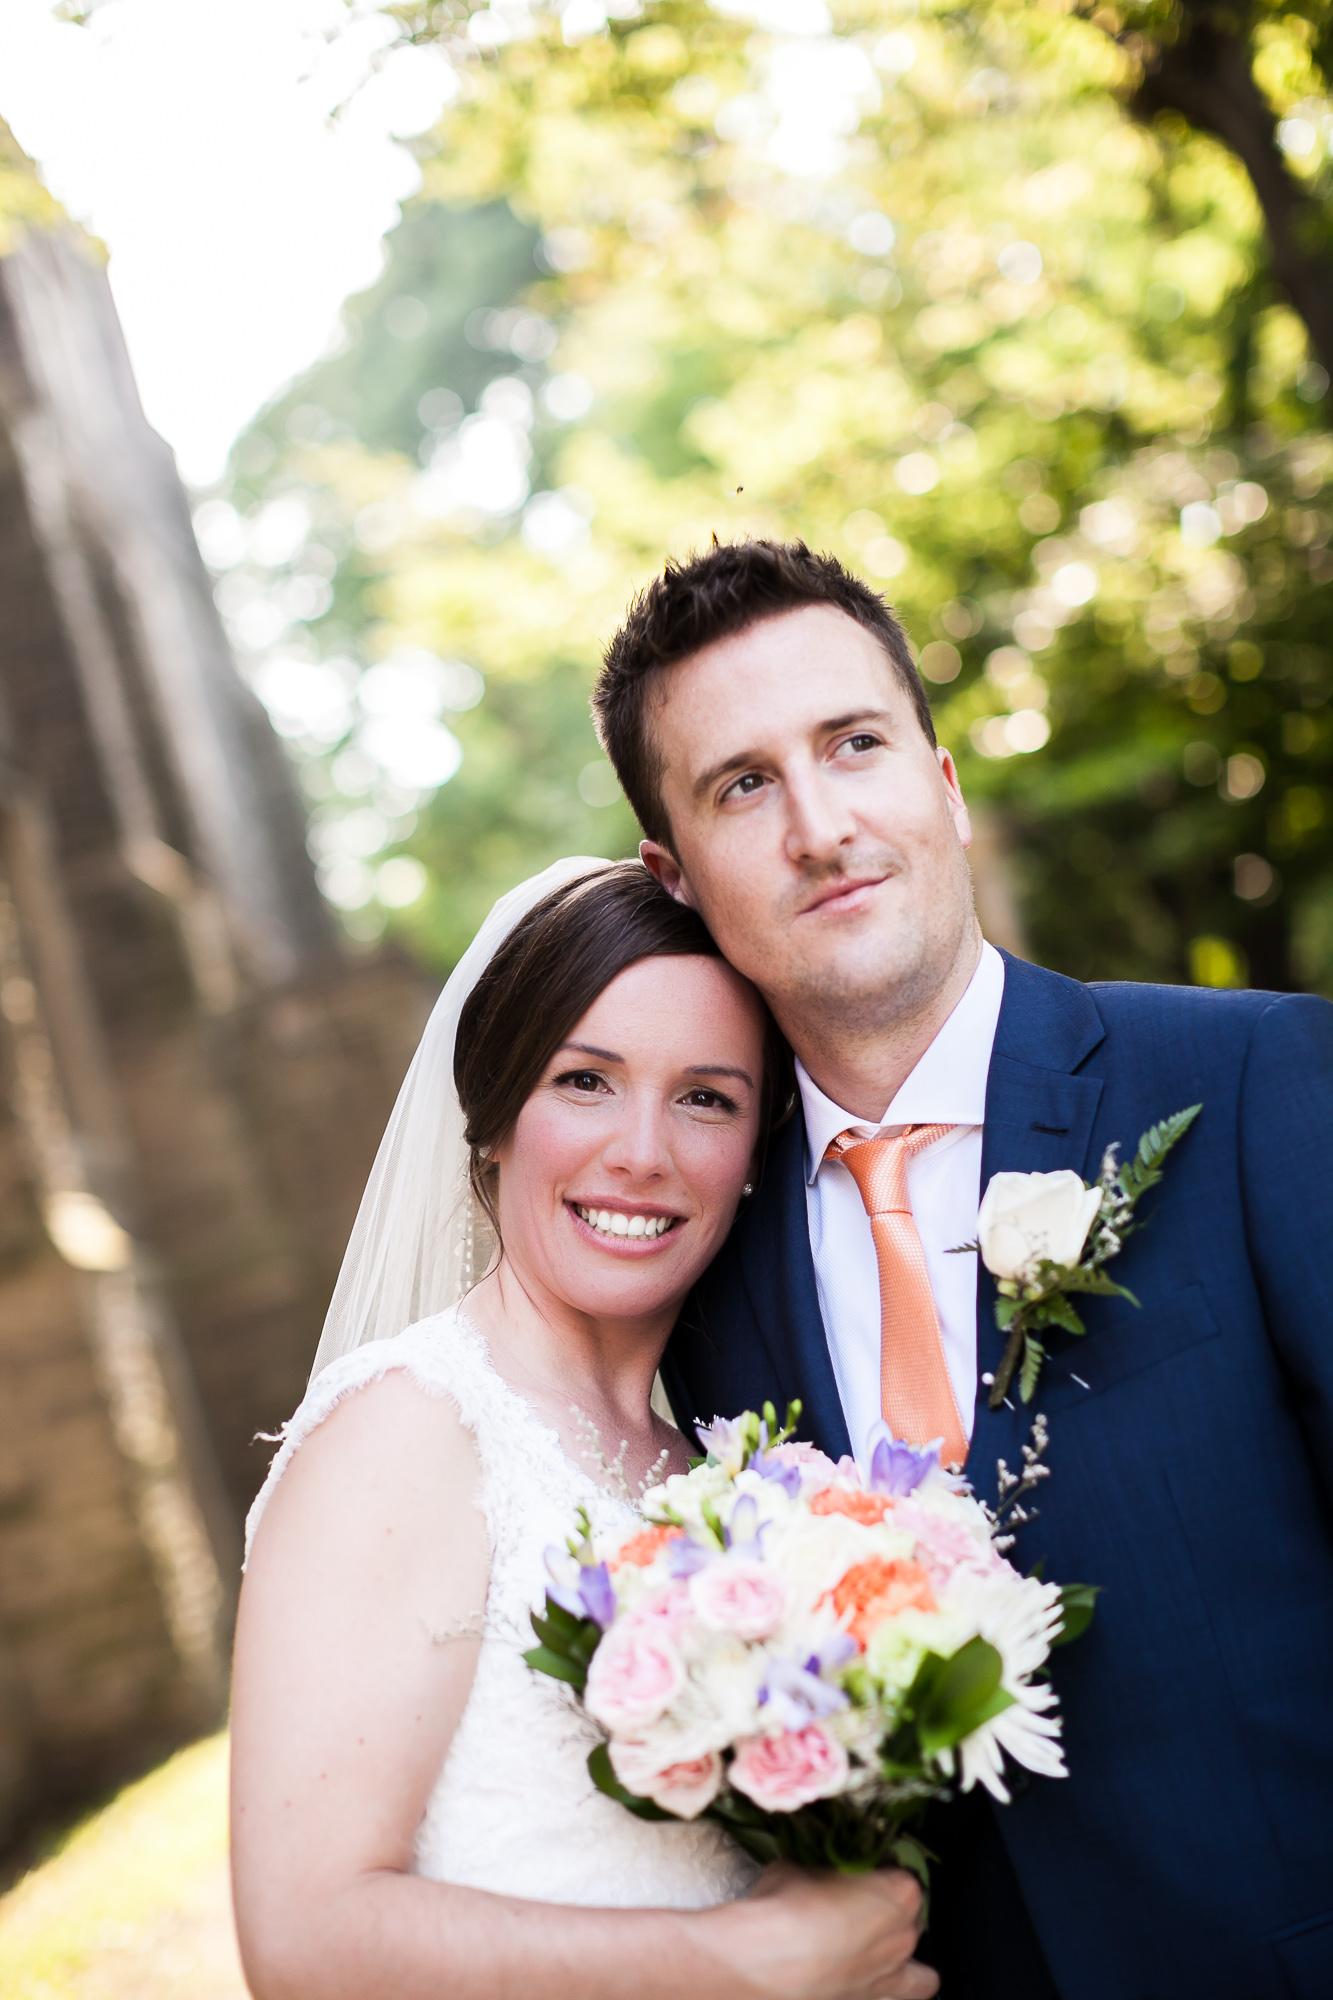 Rebecca & Dan